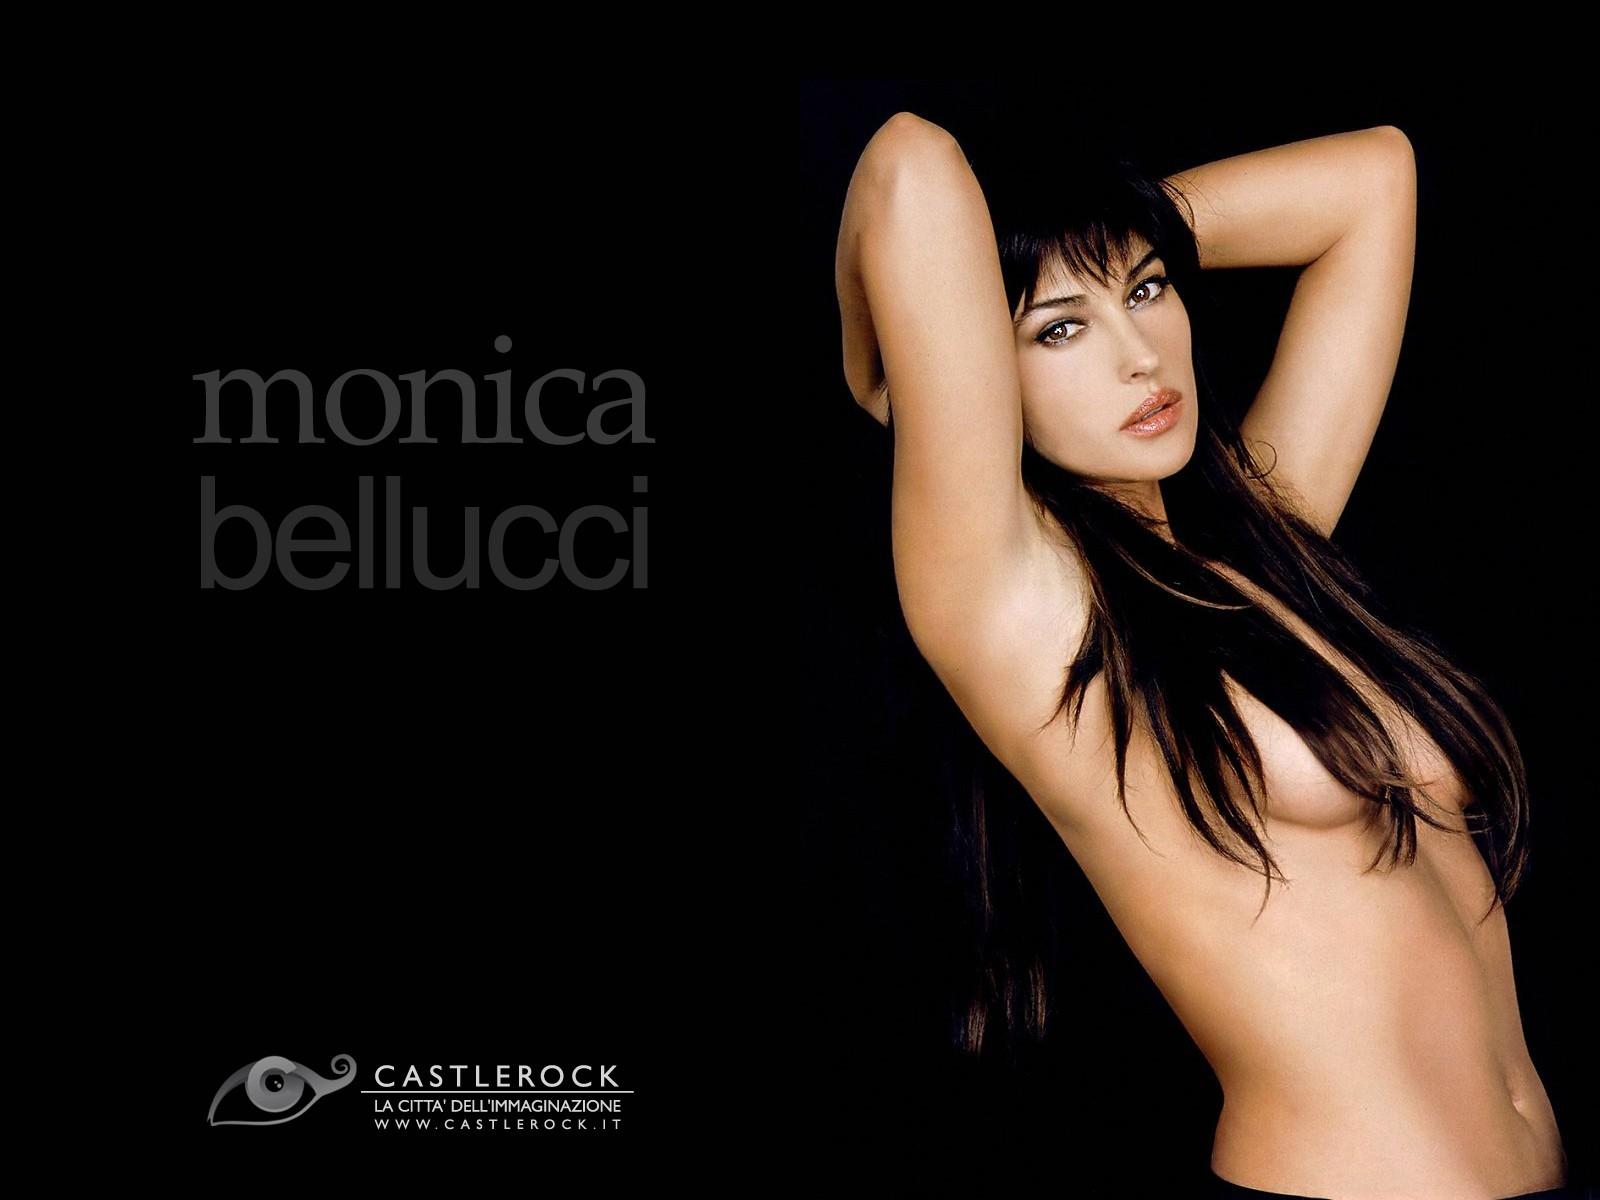 Wallpaper: una delle immagini più belle di Monica Bellucci